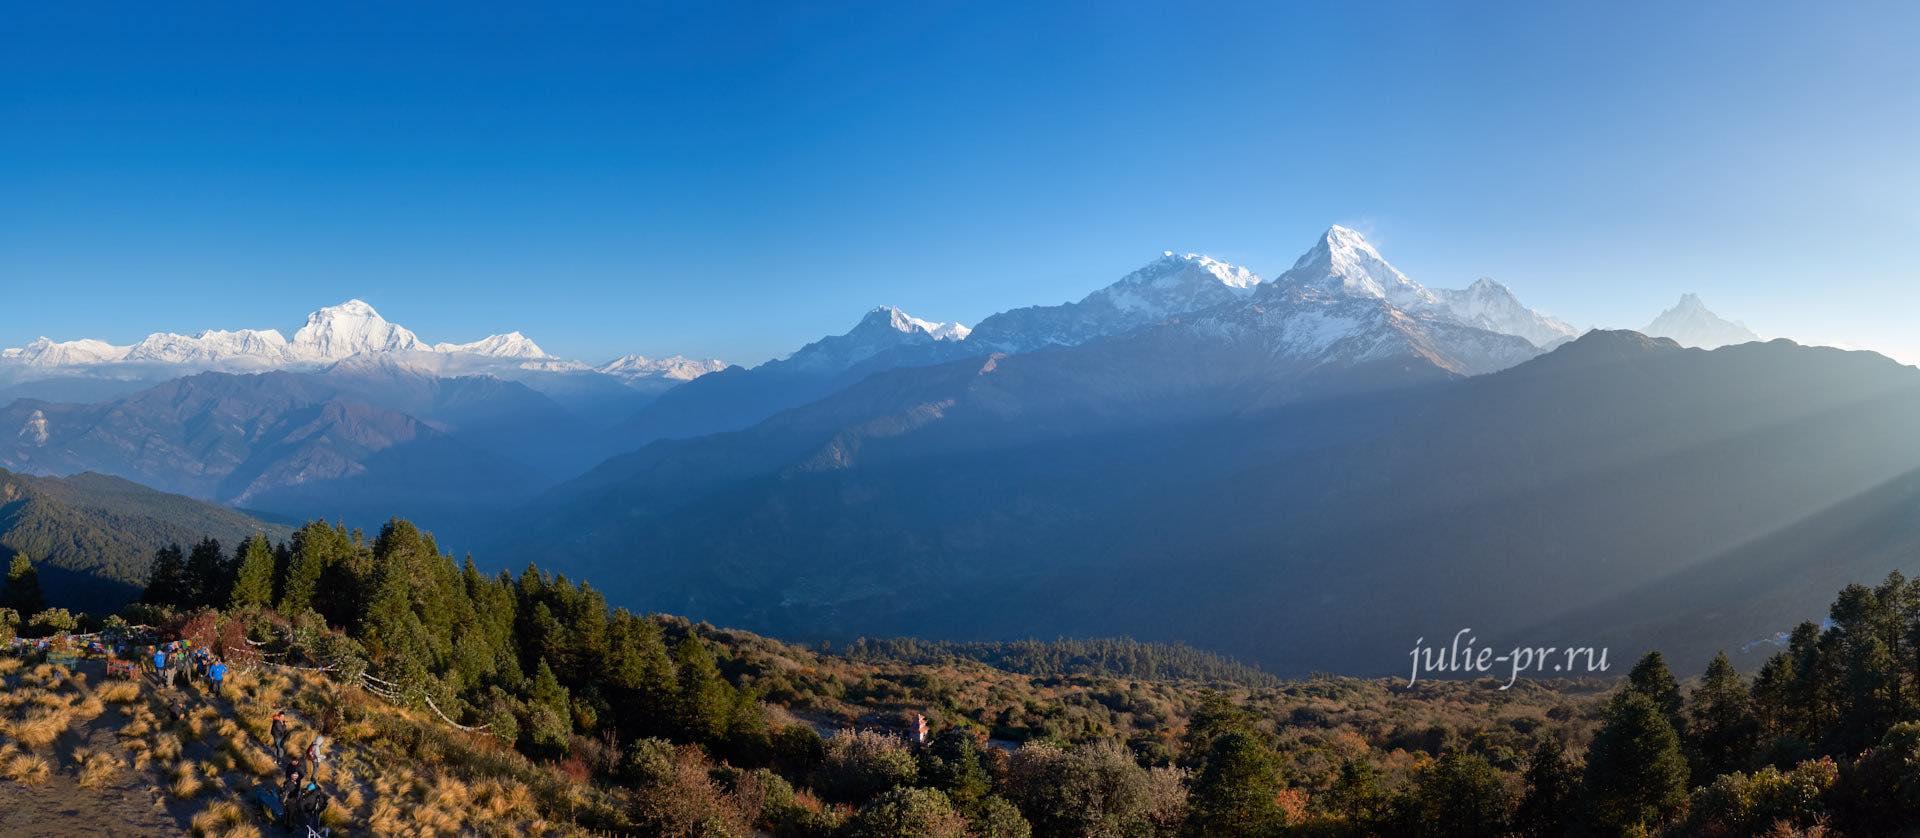 Непал, Пун-Хилл трек, Дхаулагири и Аннапурна